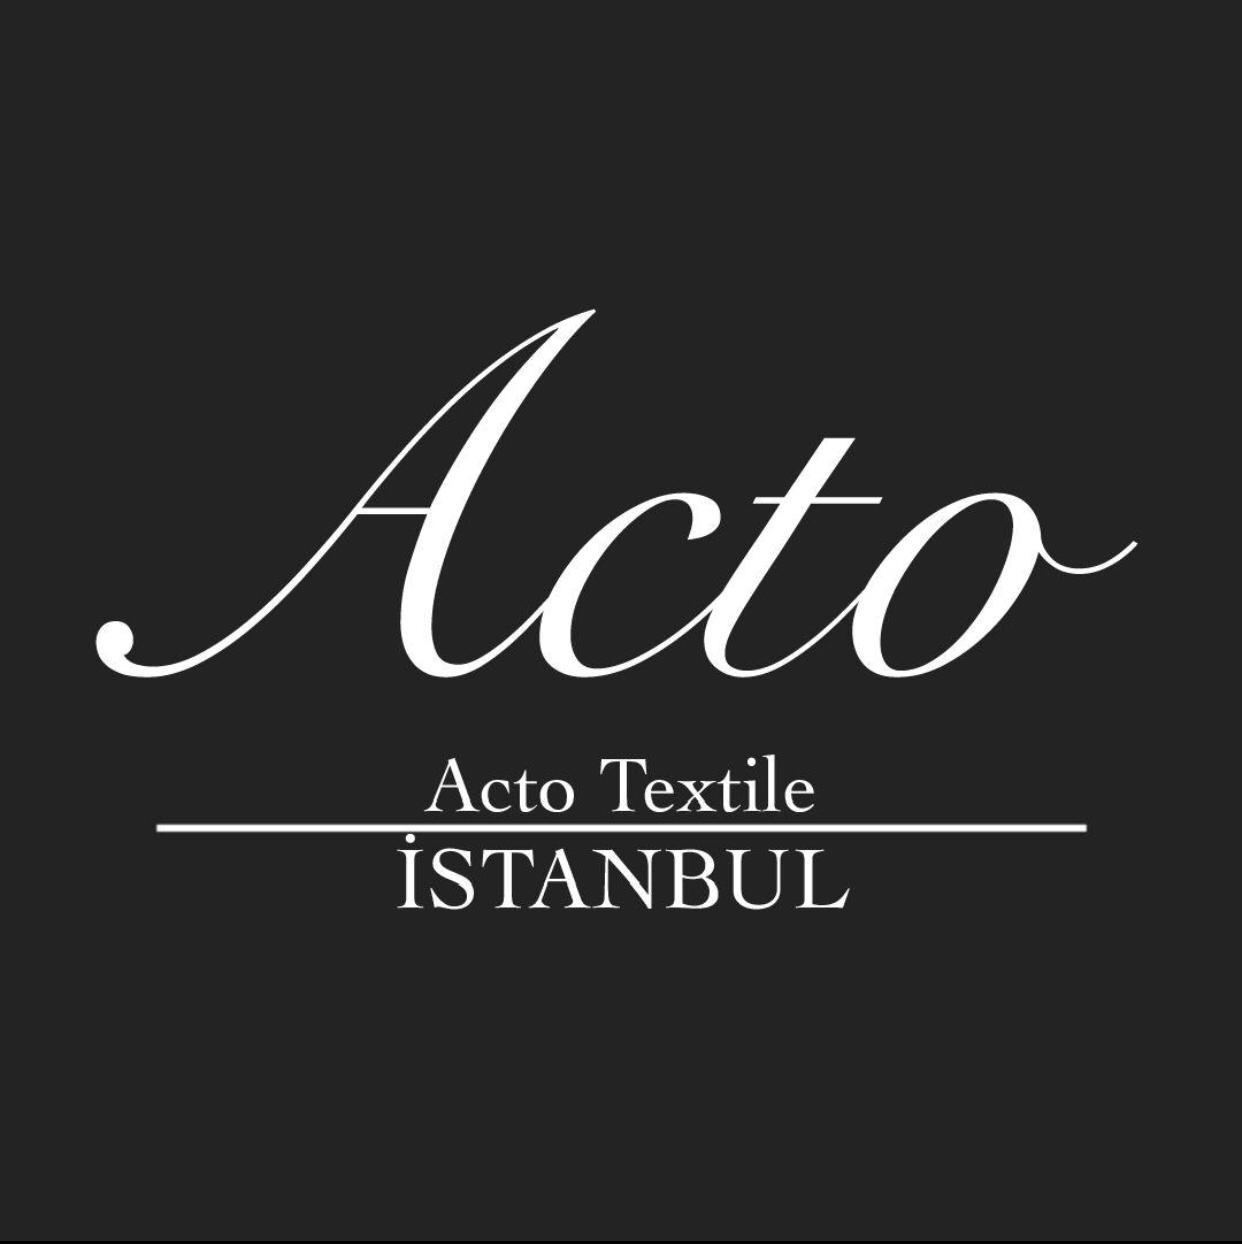 ACTO TEKSTIL